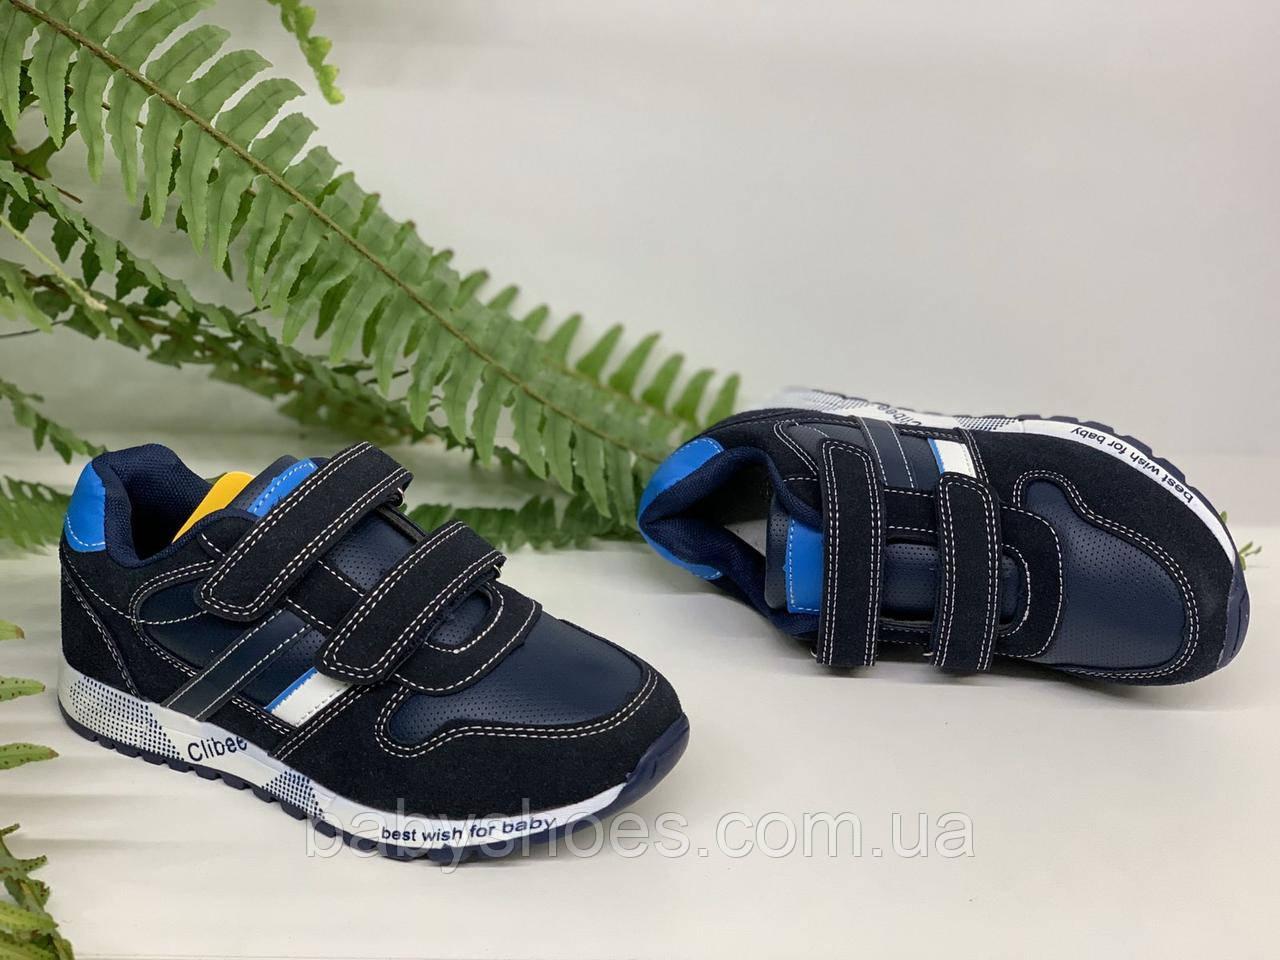 Кроссовки для мальчика  Clibee Польша р.33-35  КМ-417